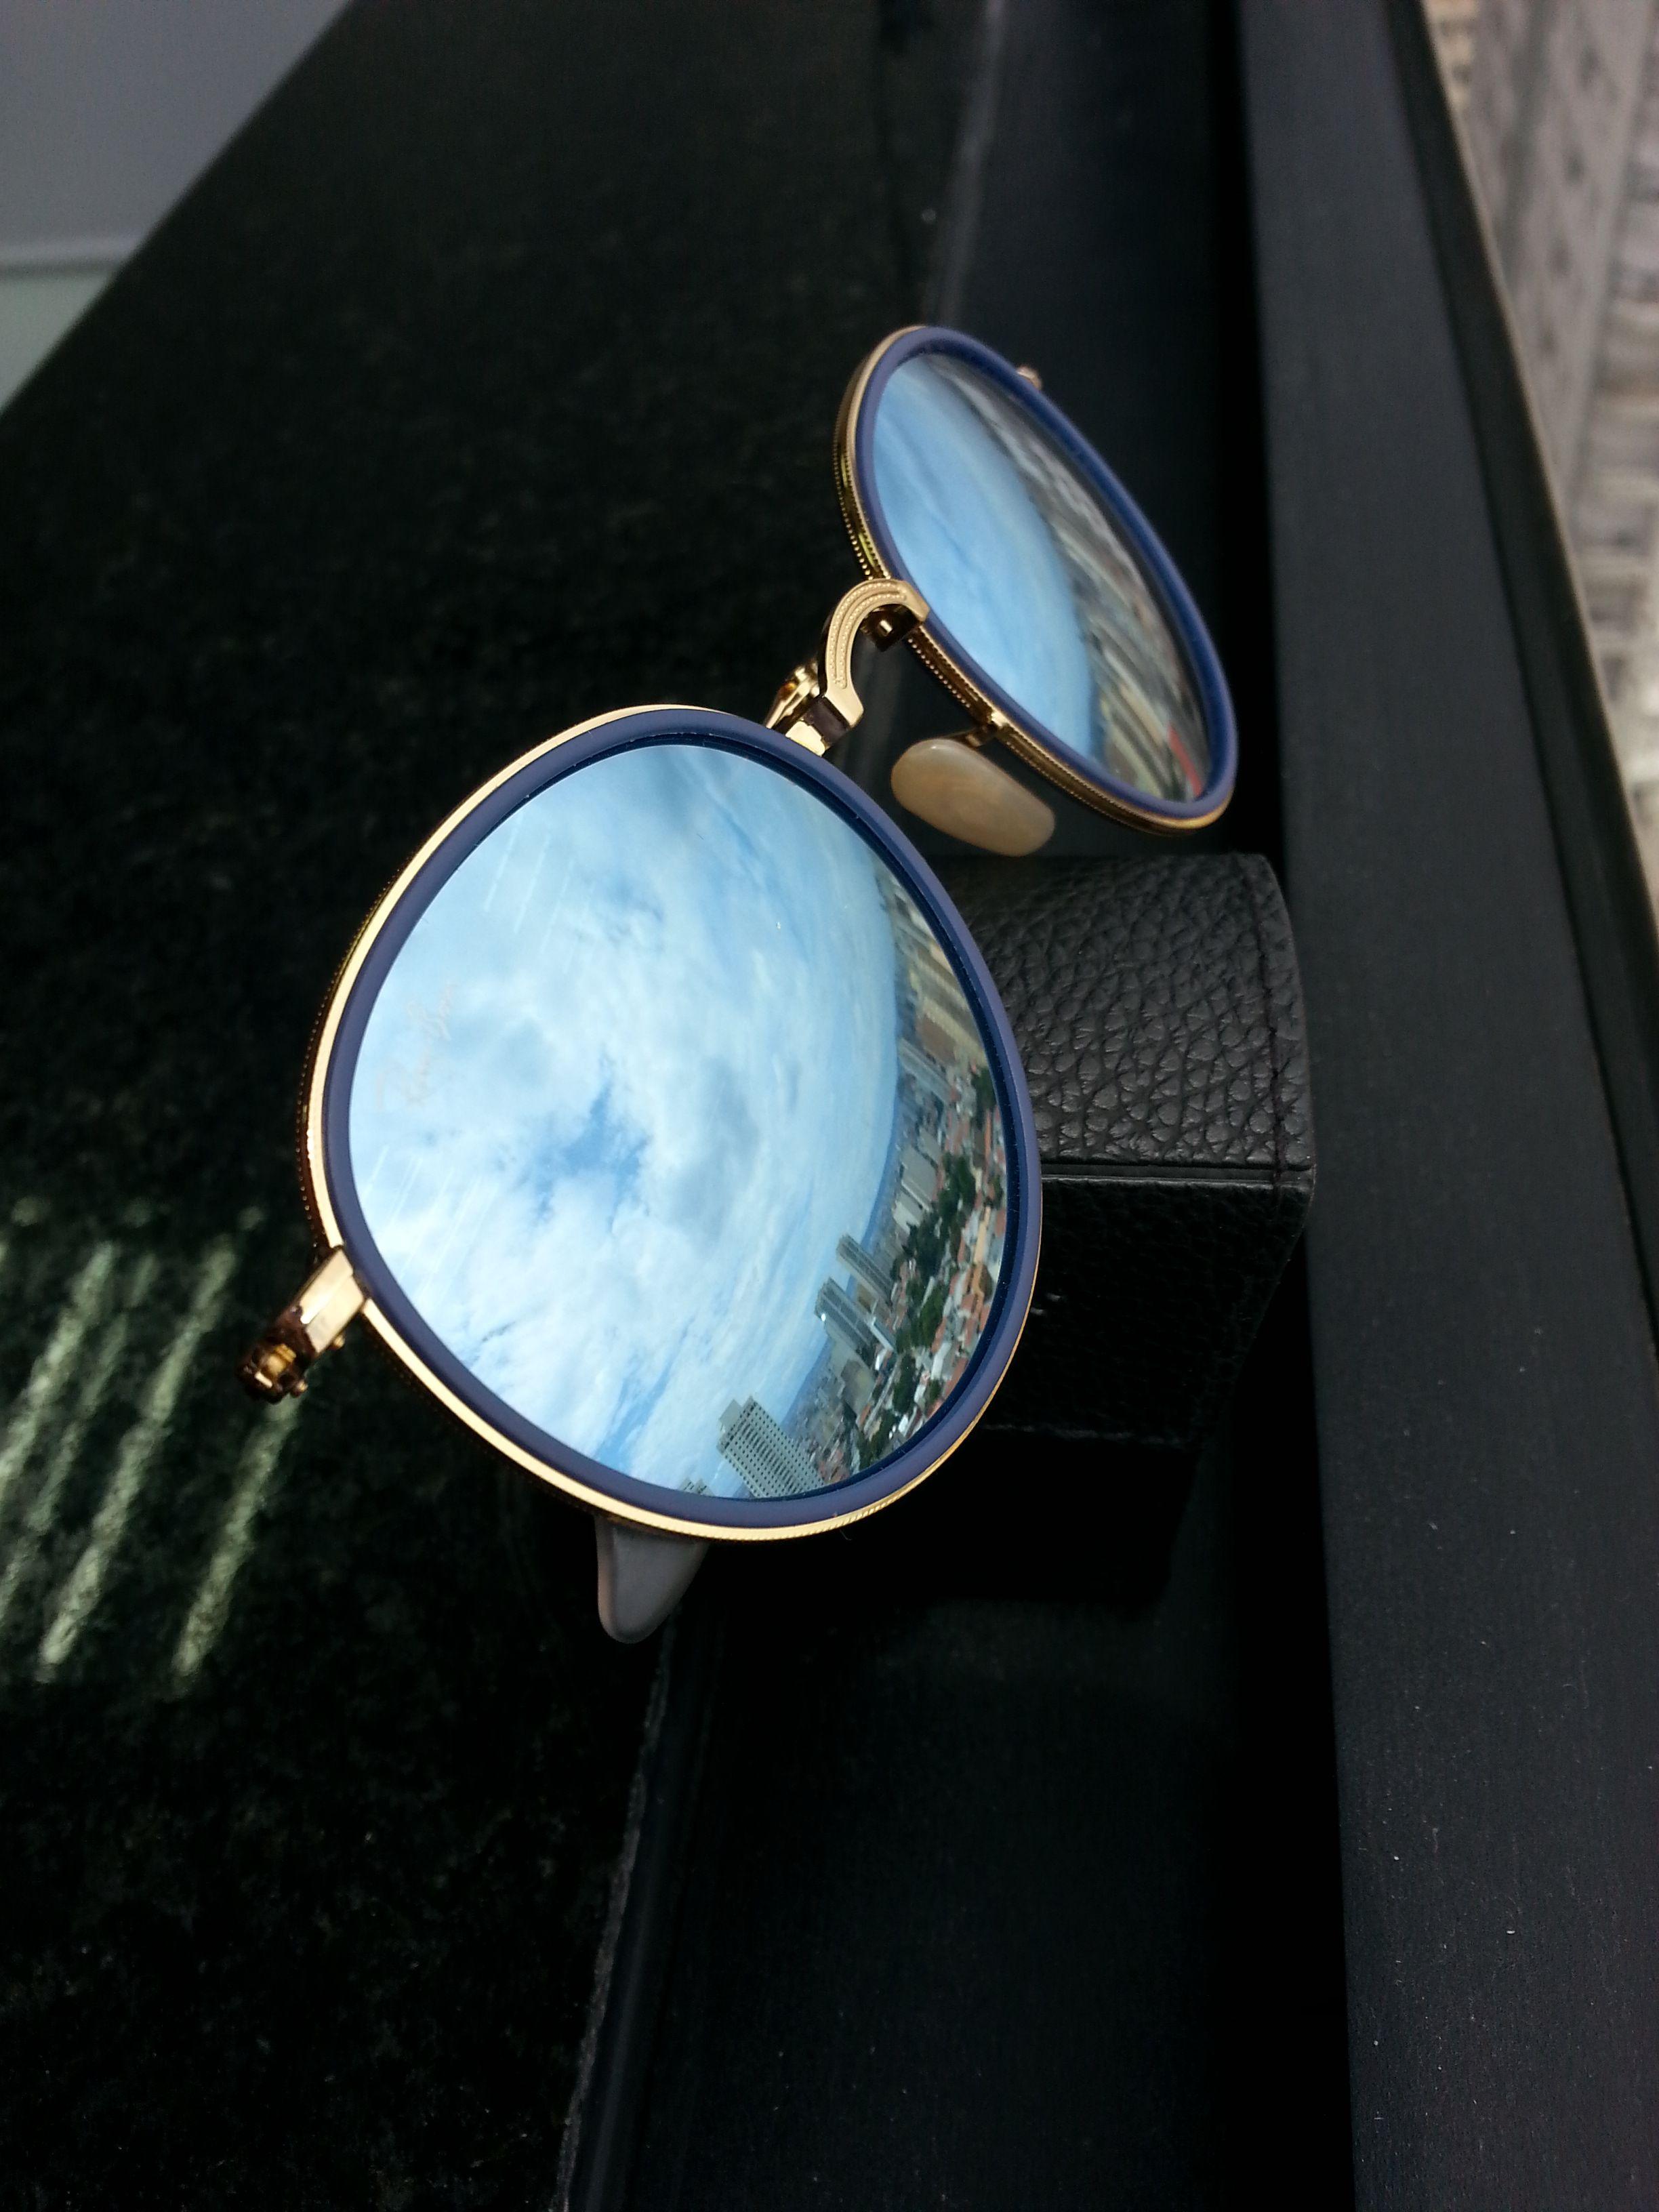 3af0eca673ebc Ray Ban Round é uma nova forma de ver a vida!  oculos  de  sol  rb  redondo   azul  espelhado  lindo  luxo  verao  calor  praia  oticas  wanny  online    ...